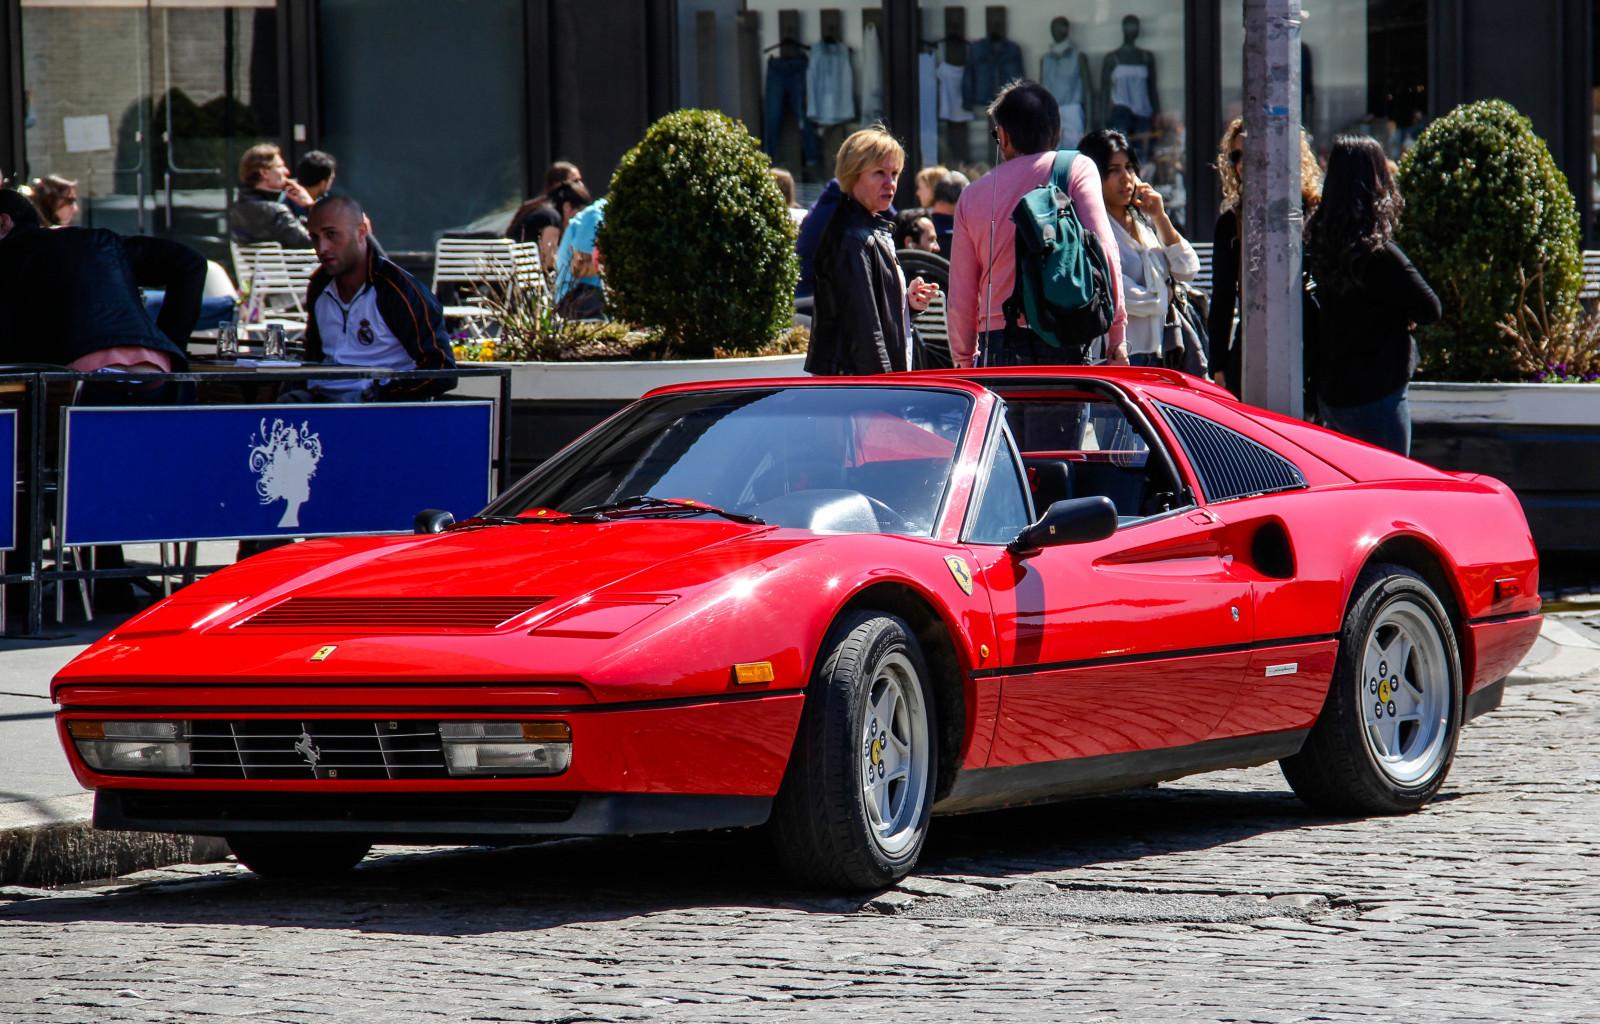 Hintergrundbilder Italien Rot Fahrzeug Kanon Sonnig Sportwagen Manhattan Bearbeiten Cabriolet Adobe Leistungsauto Ferrari Testarossa Italienisch Motor Exotisch Schuss Winkel Farbe Schön New York Autos Fleischverpackung Entwurf